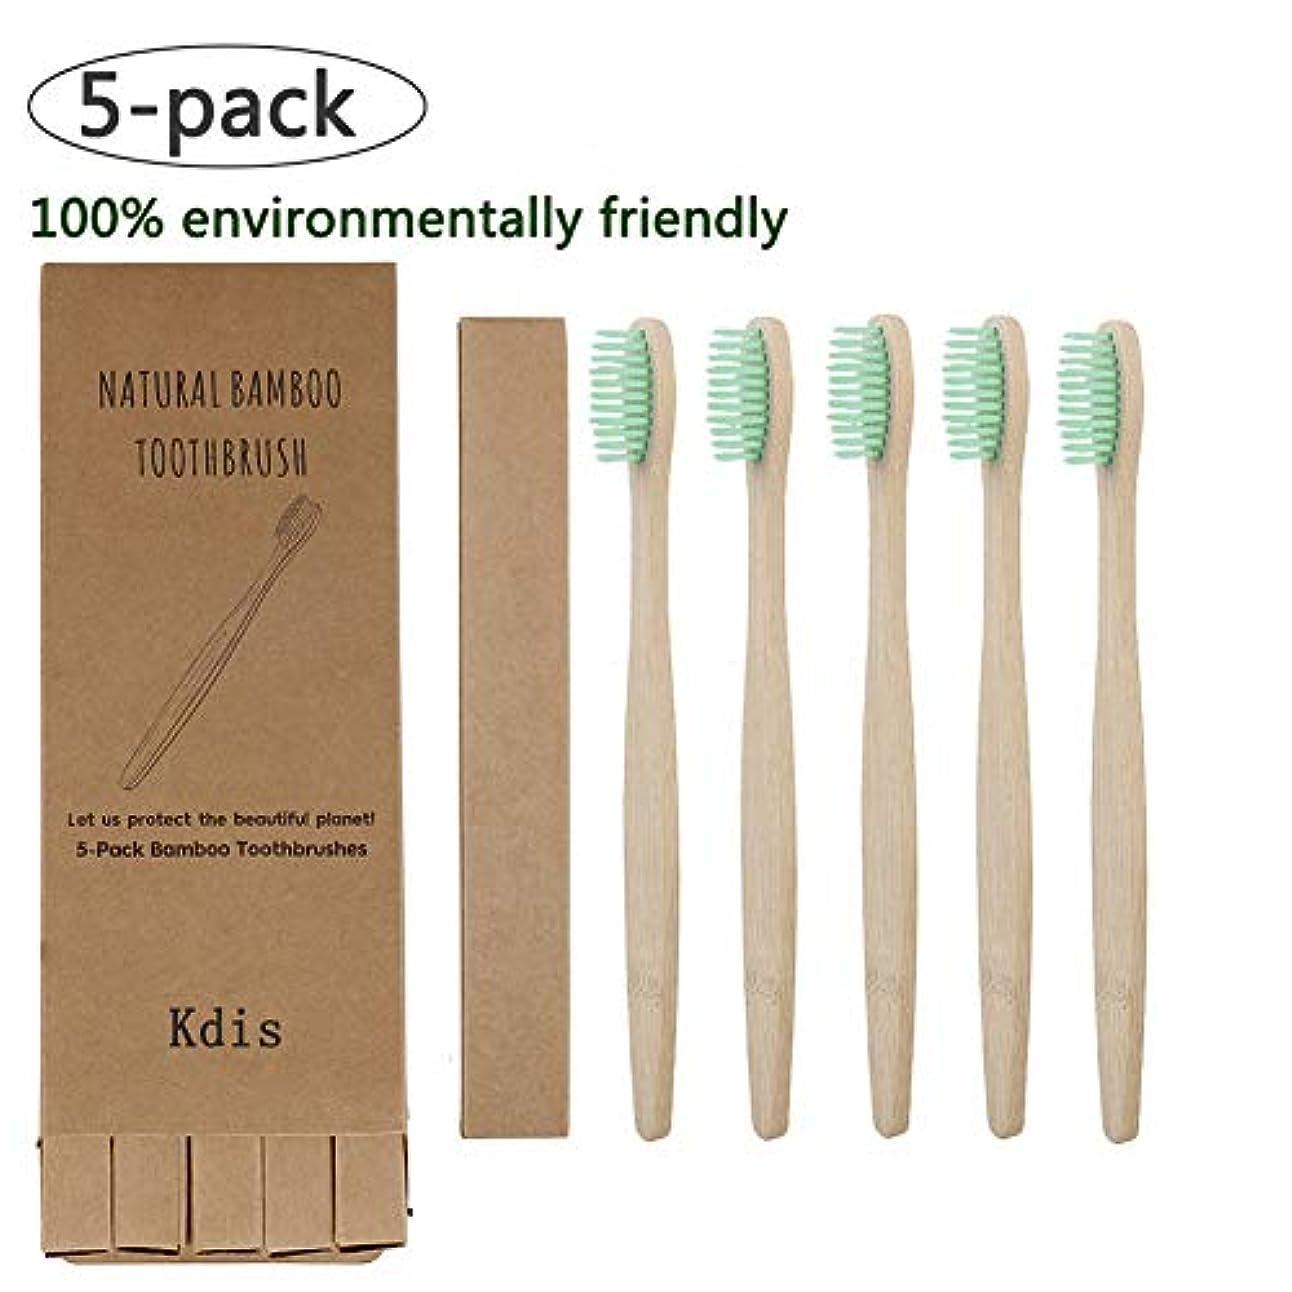 古い直立終わらせるDoo 5本竹歯ブラシ 子ども用ハブラシ 環境にやさしい 柔らかい剛毛 スリム 竹歯ブラシ シンプル 携帯用 旅行用 出張用 こども用 口腔ケア